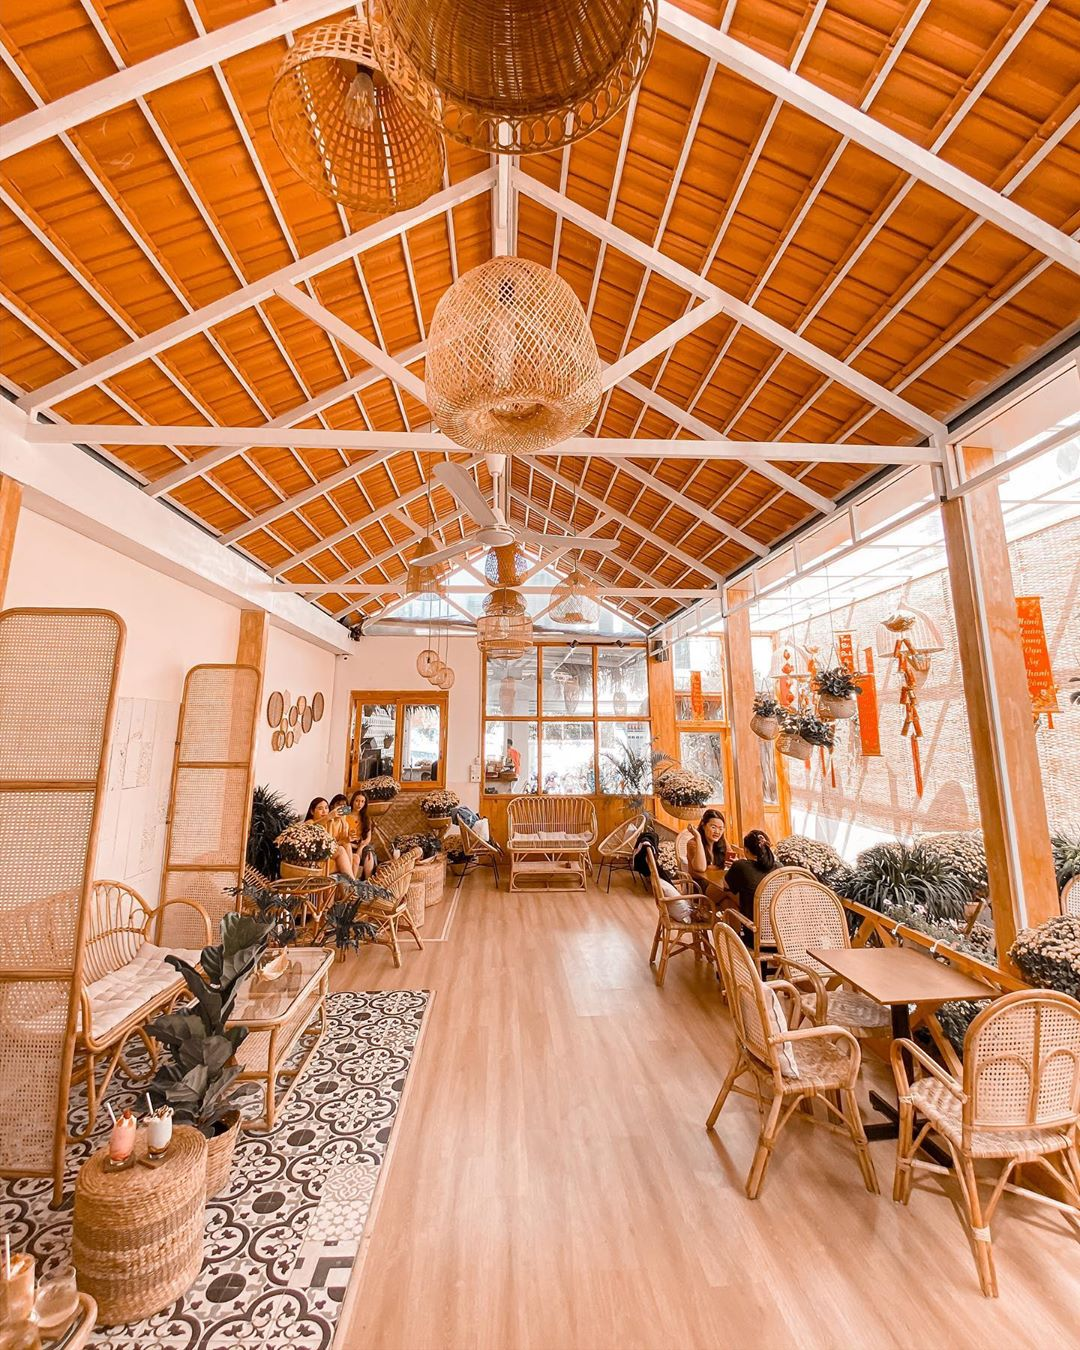 sai-gon-khom-cafe-quan-1-16